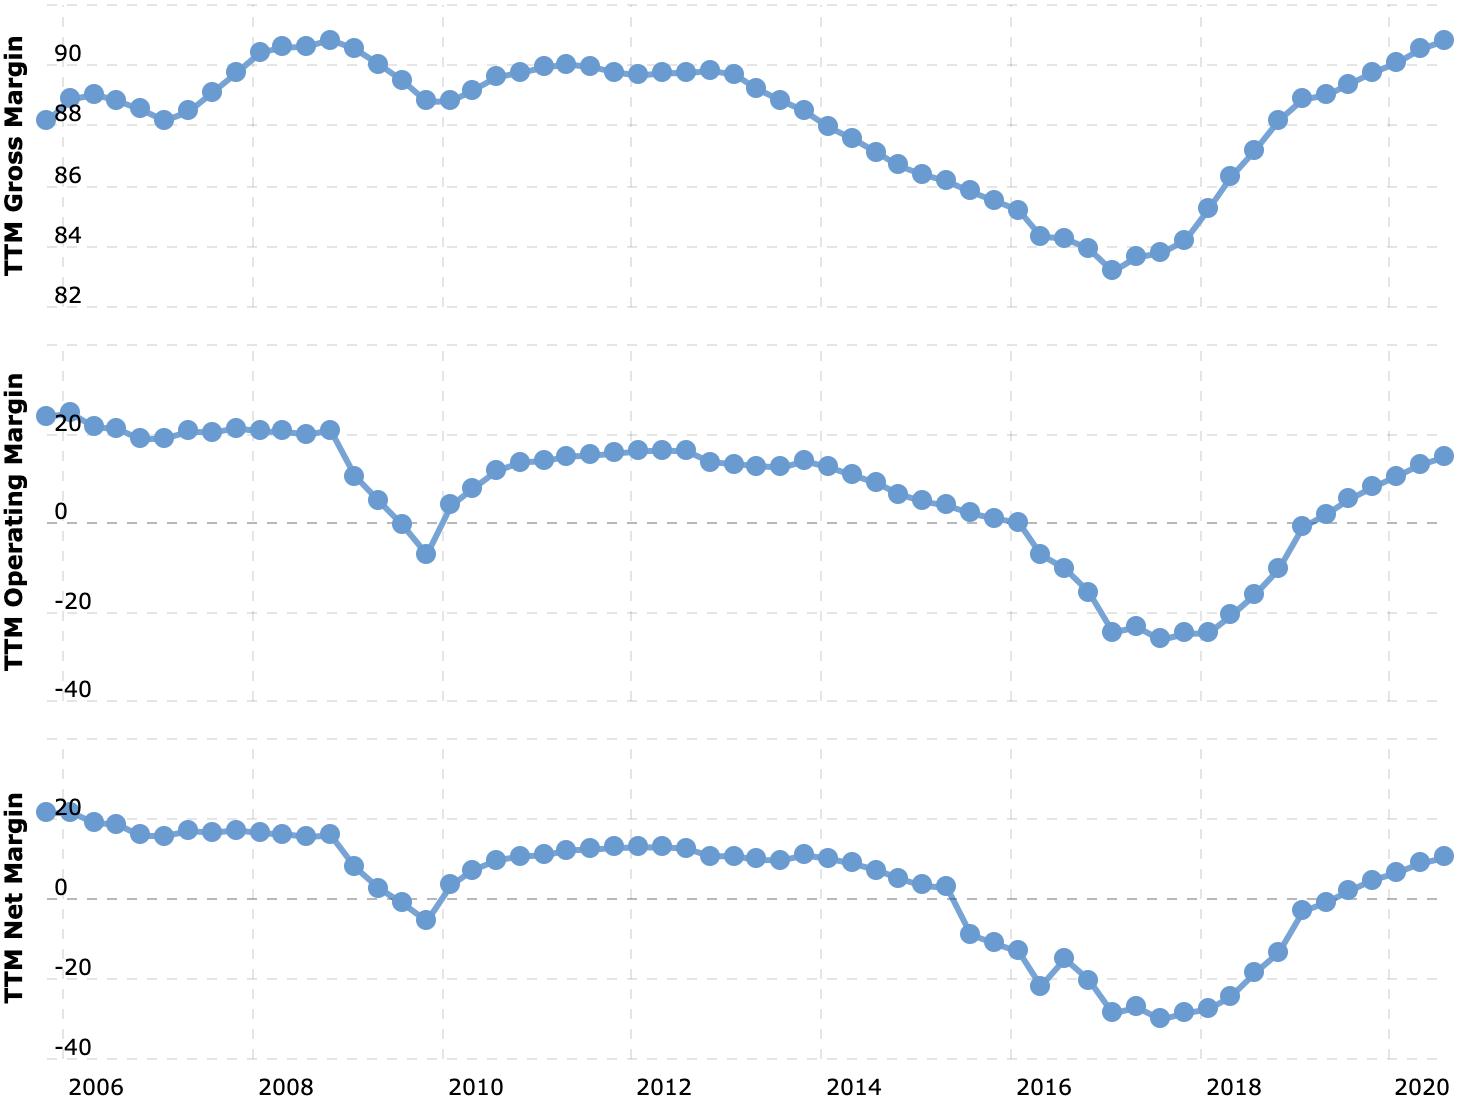 Валовая, операционная и итоговая маржа, в процентах от выручки. Источник: Macrotrends